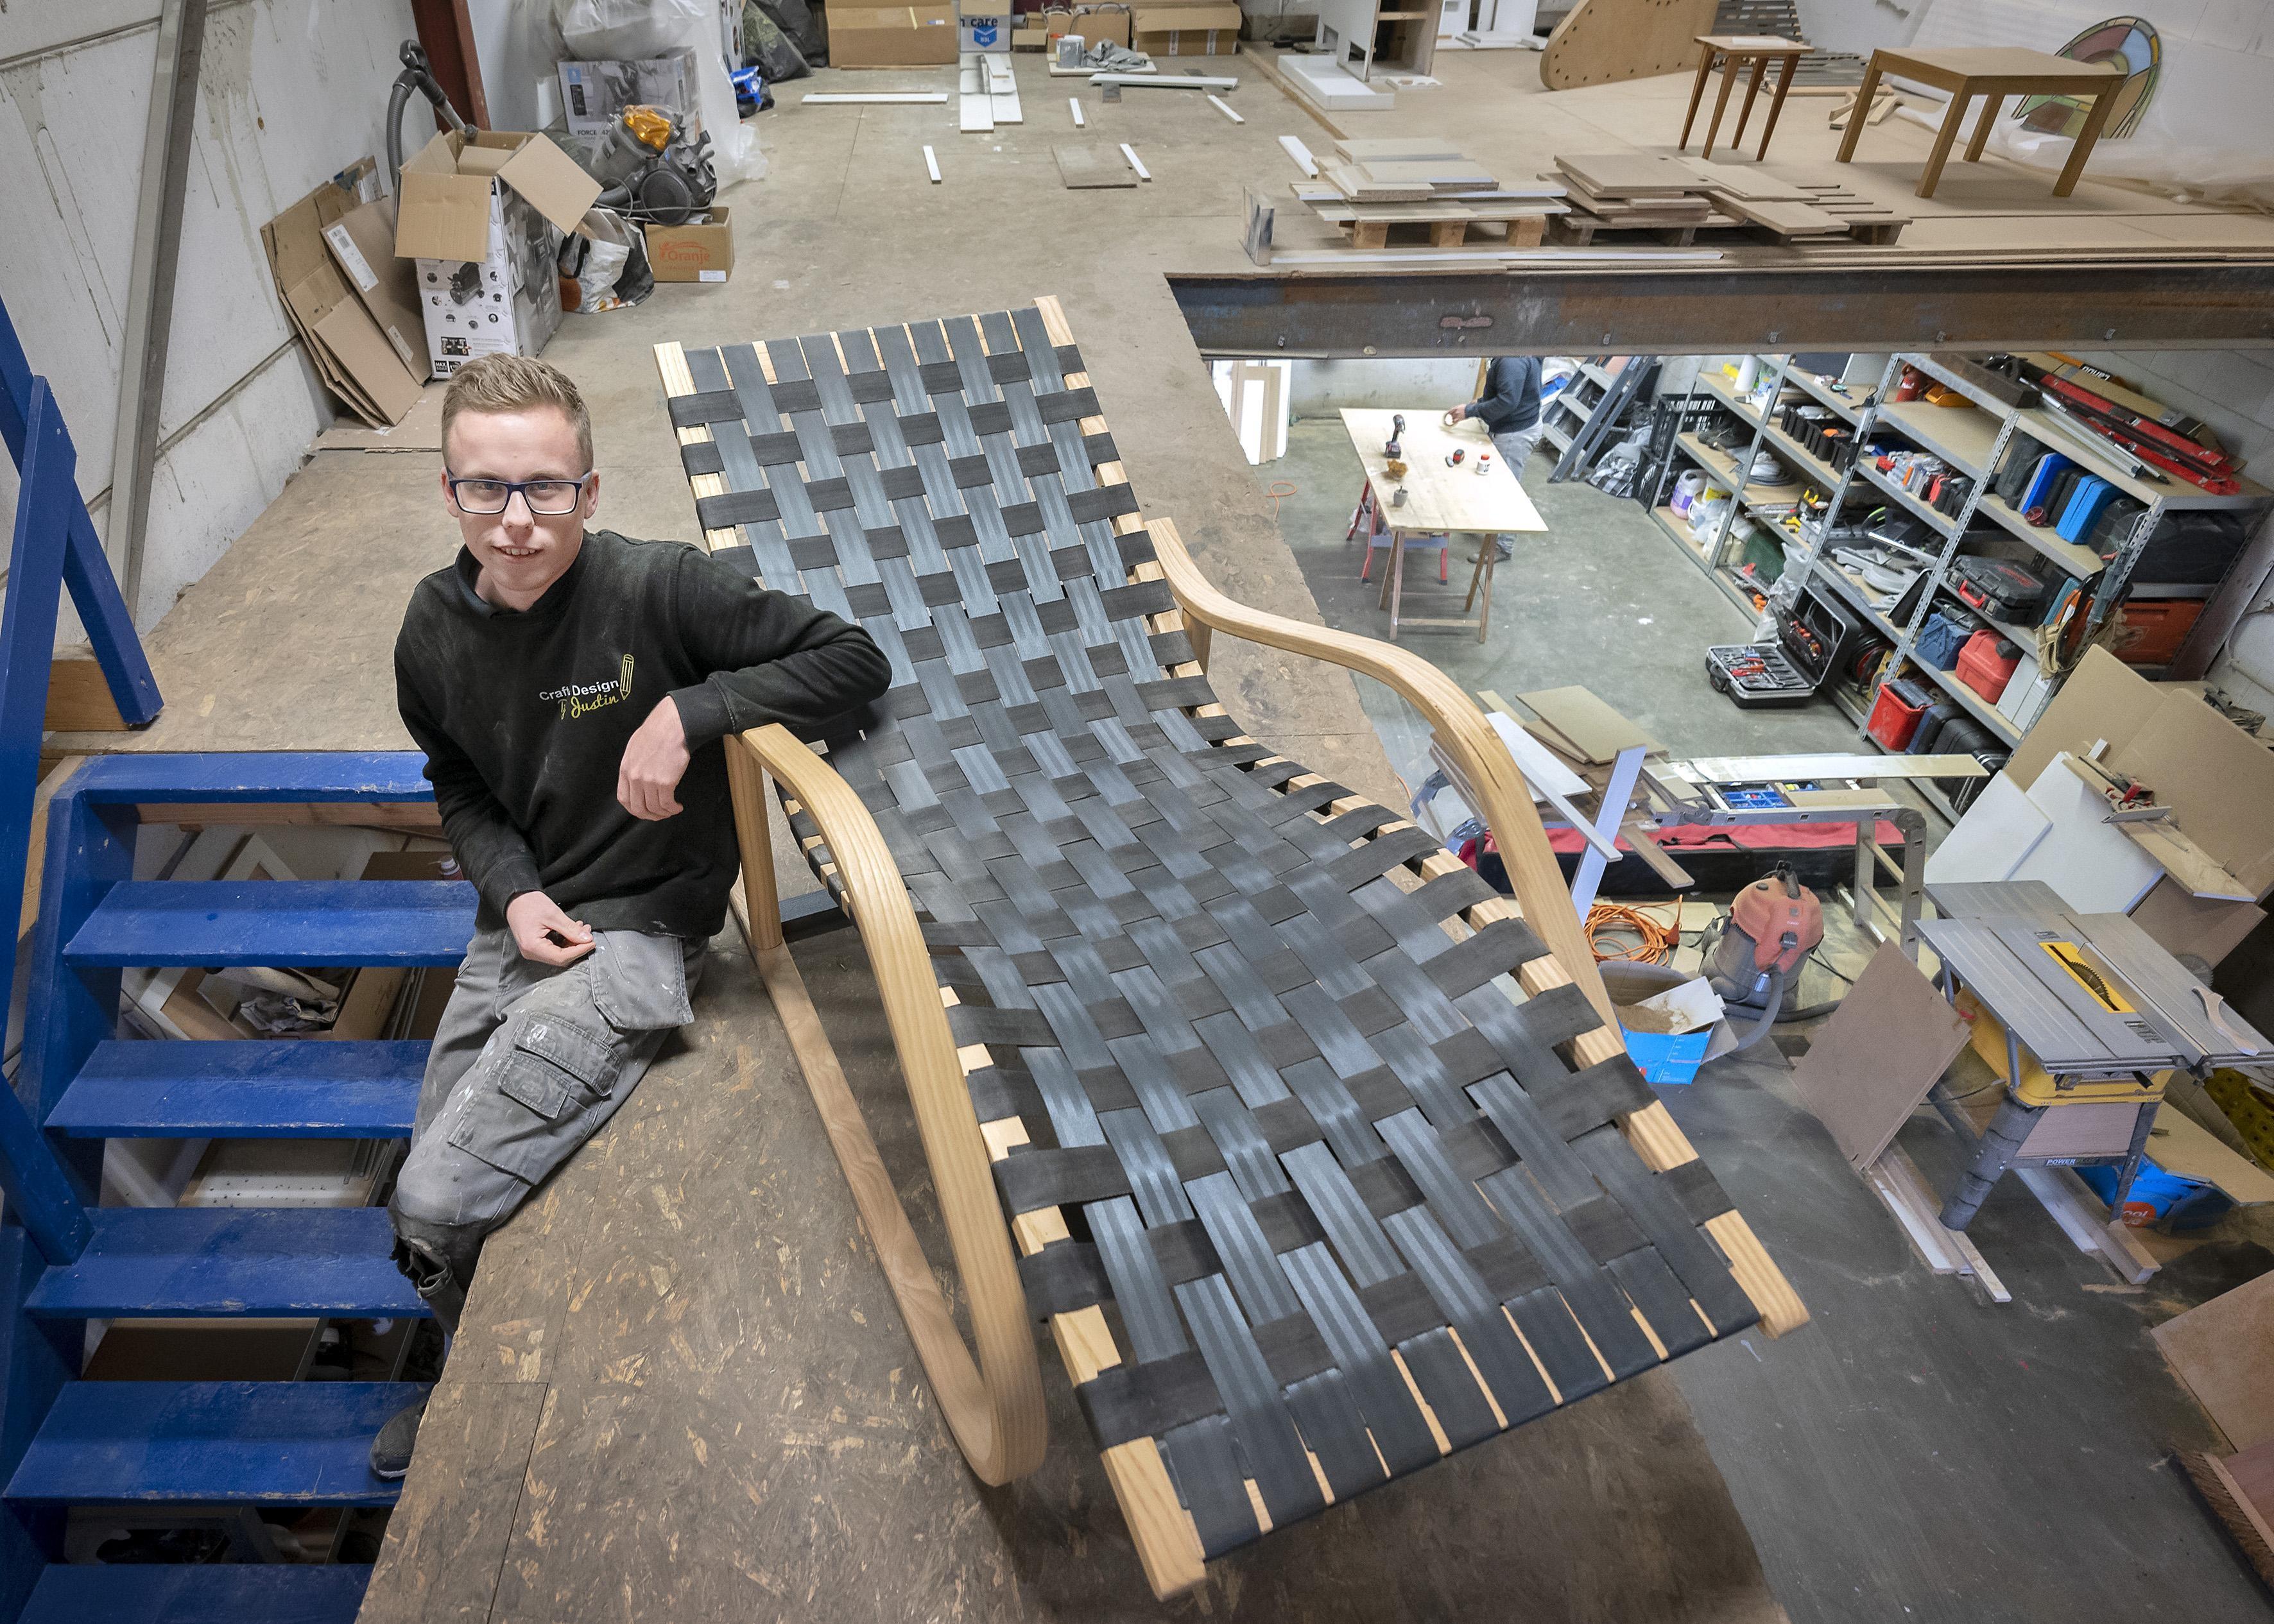 Justin de Haan opent eigen meubelmakerij in IJmuiden. 'Ik maak meubels tot op de millimeter precies' - IJmuider Courant